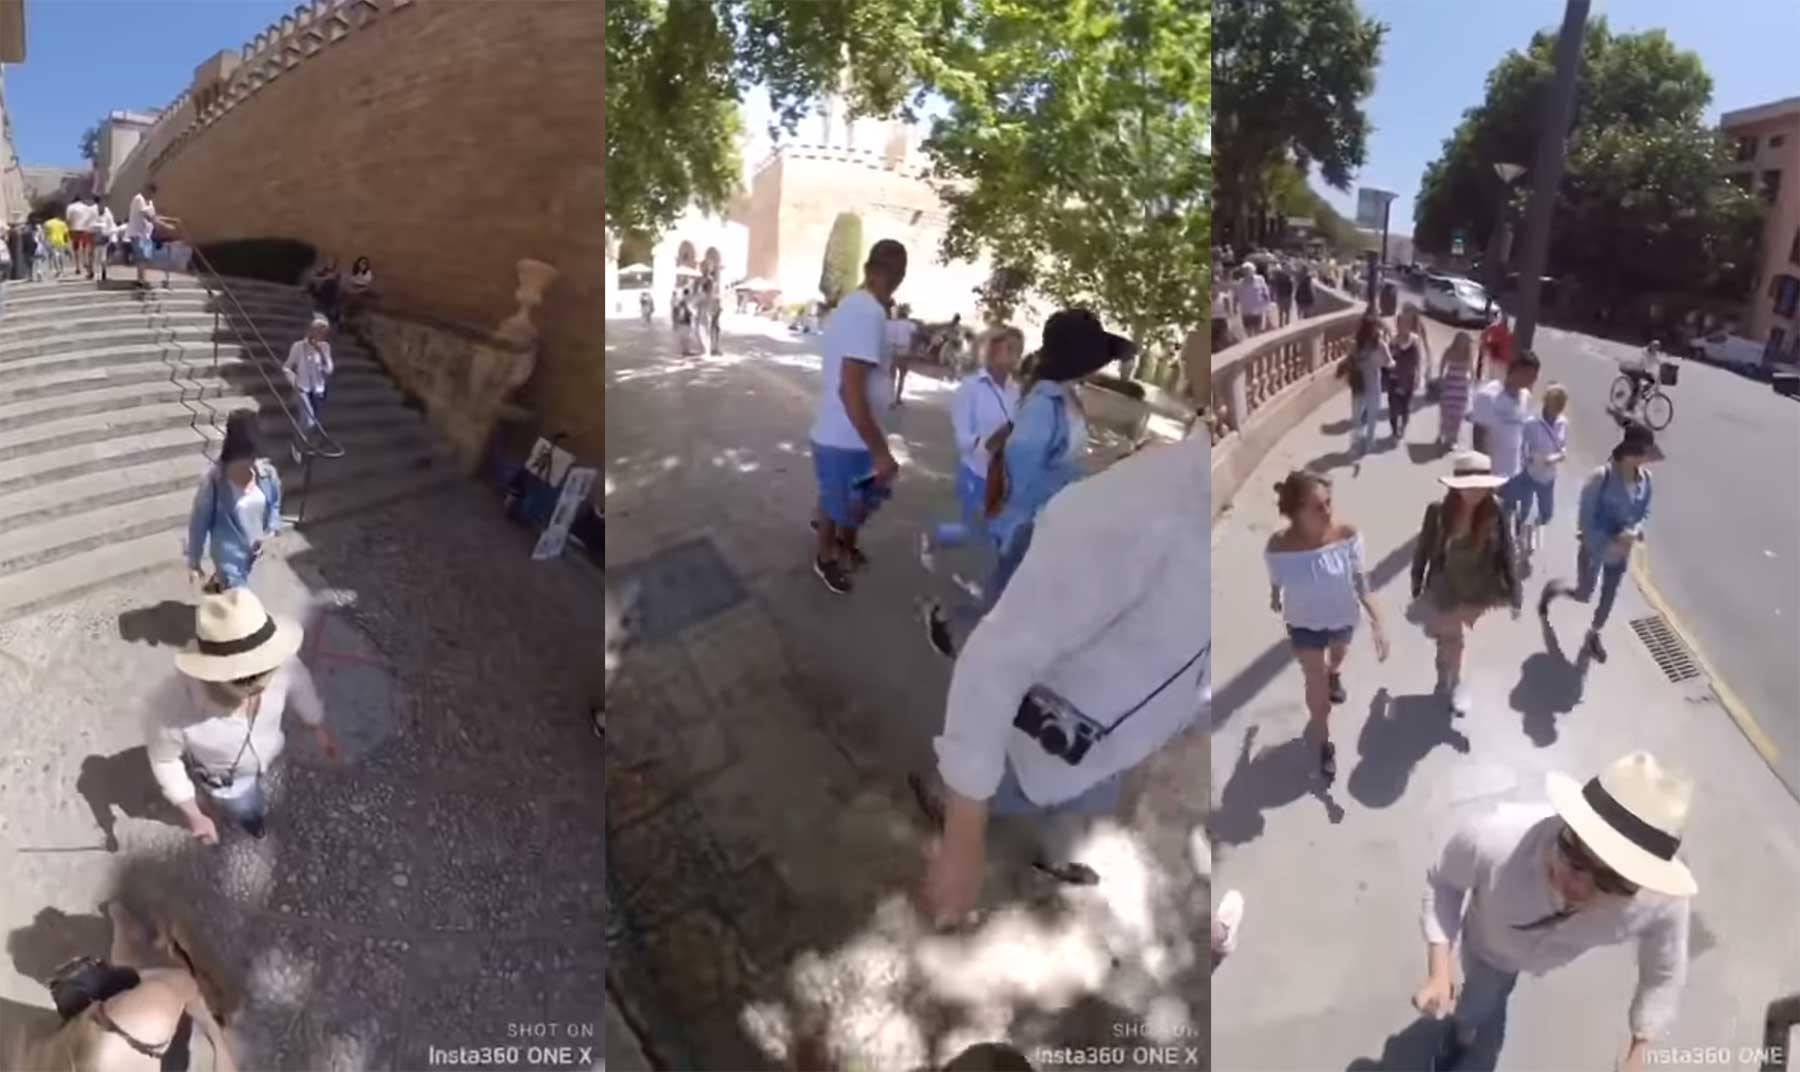 Mann filmt mit Selfie-Stick, wie Taschendiebe minutenlang hinter ihnen herschleichen taschendiebe-gefilmt